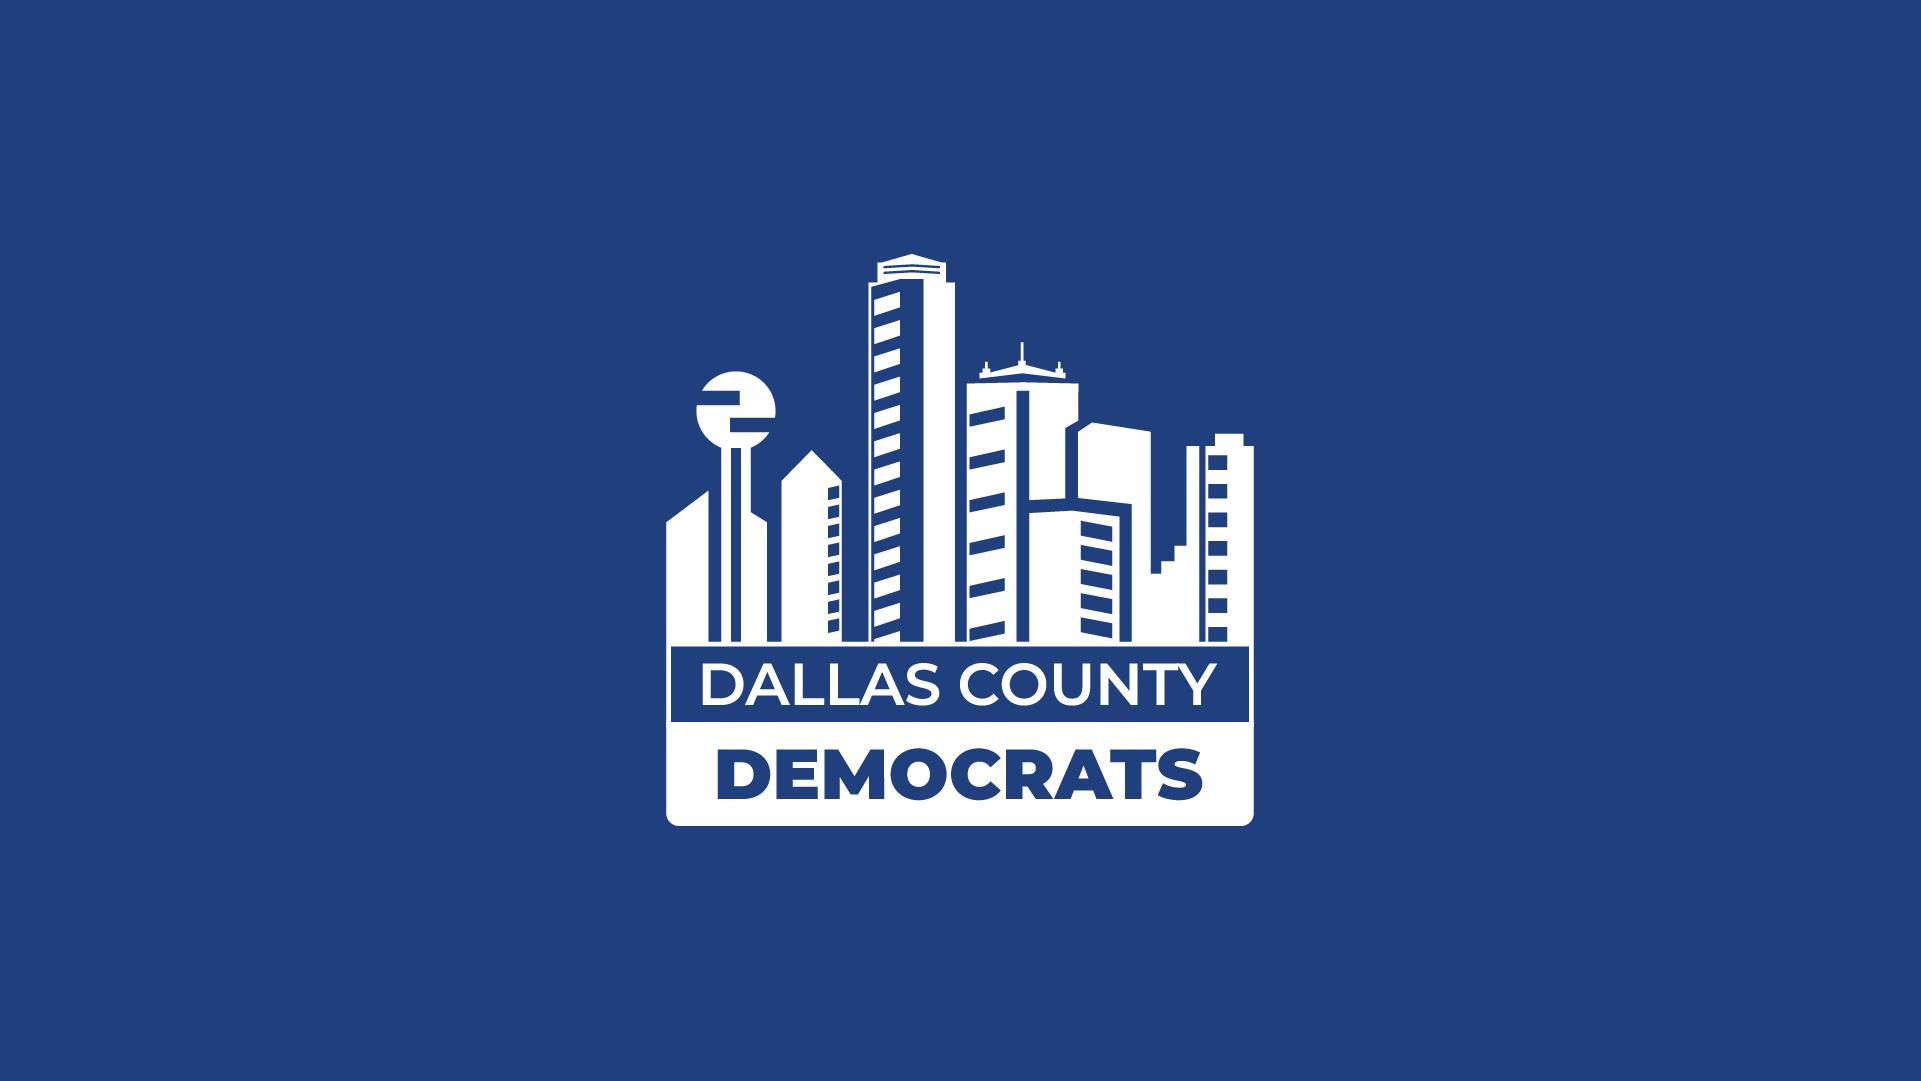 Dallas County Democratic Party